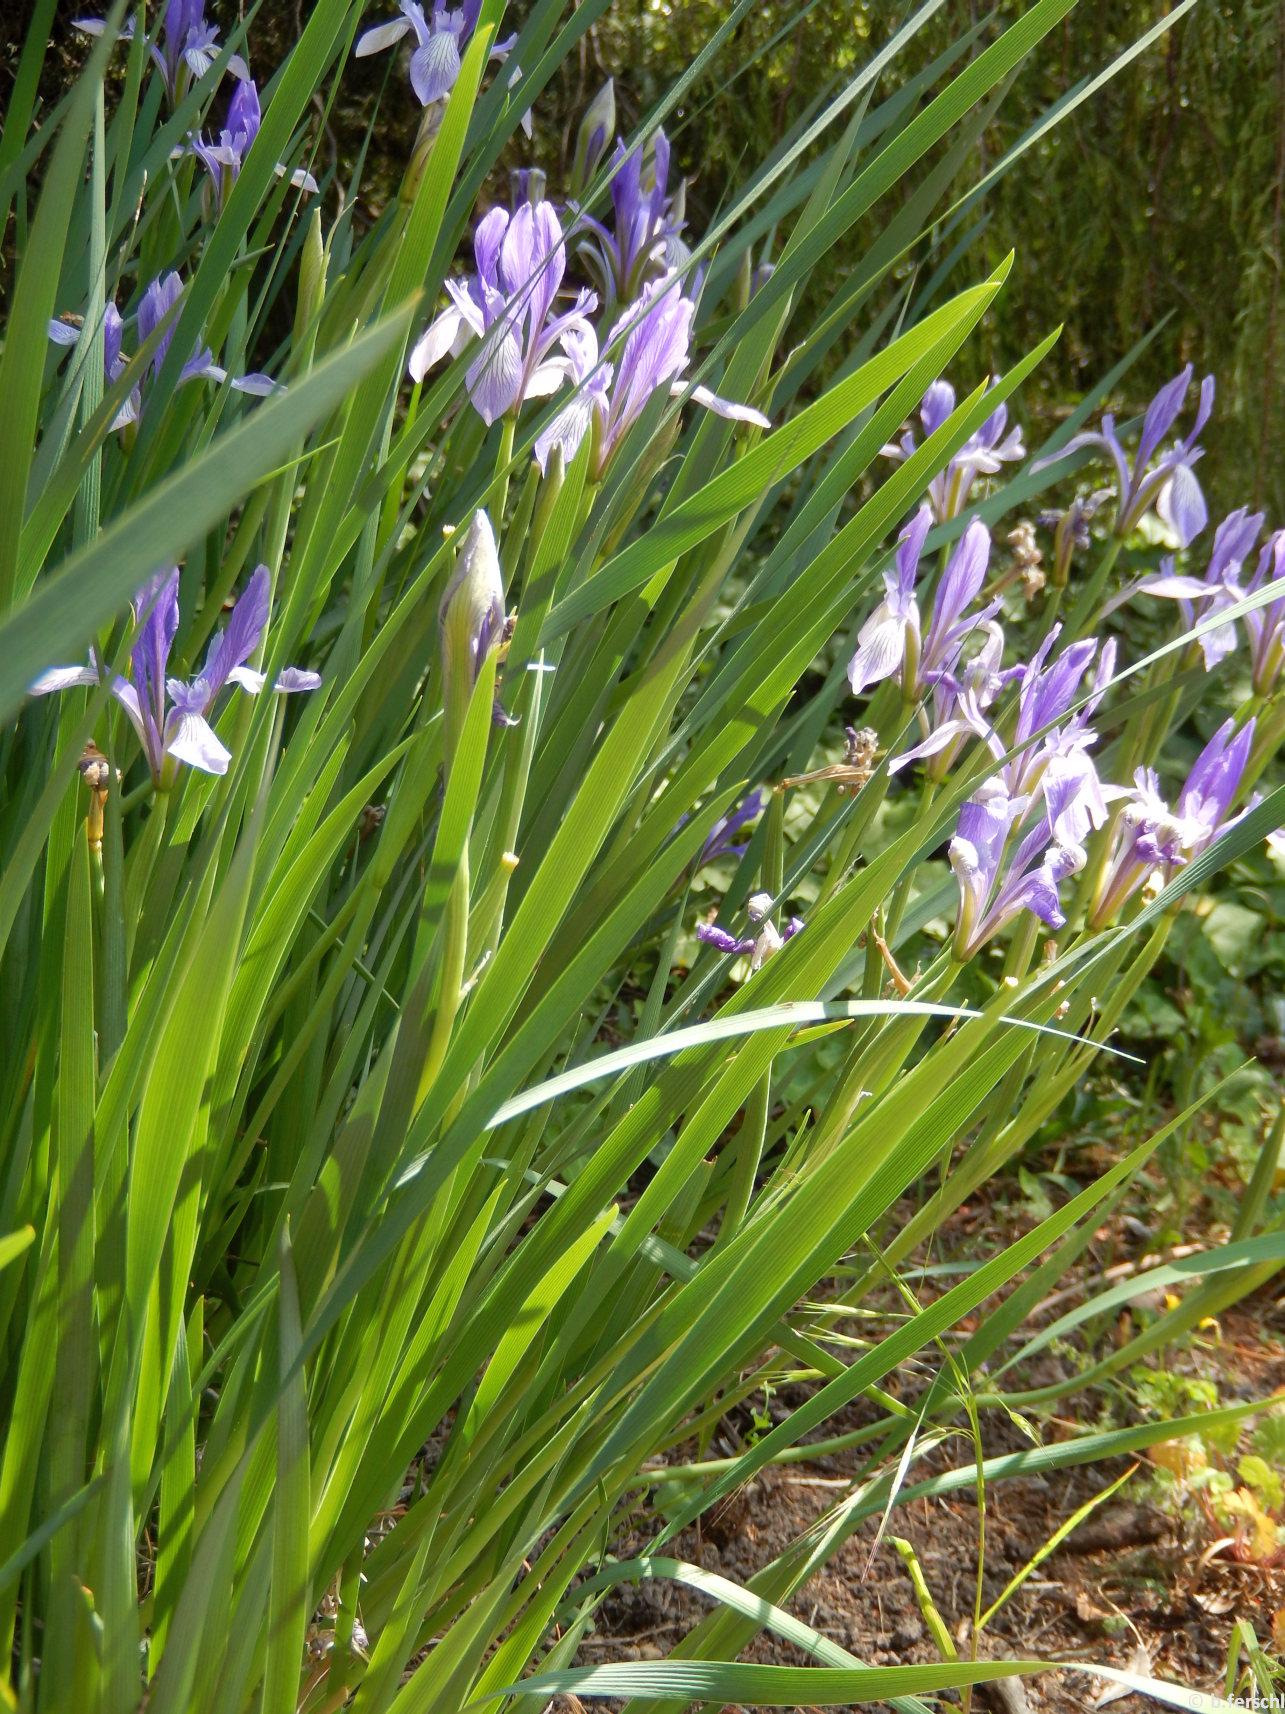 A pázsitos nőszirom (Iris graminea) kecses kék virágait bőven hozza május elején